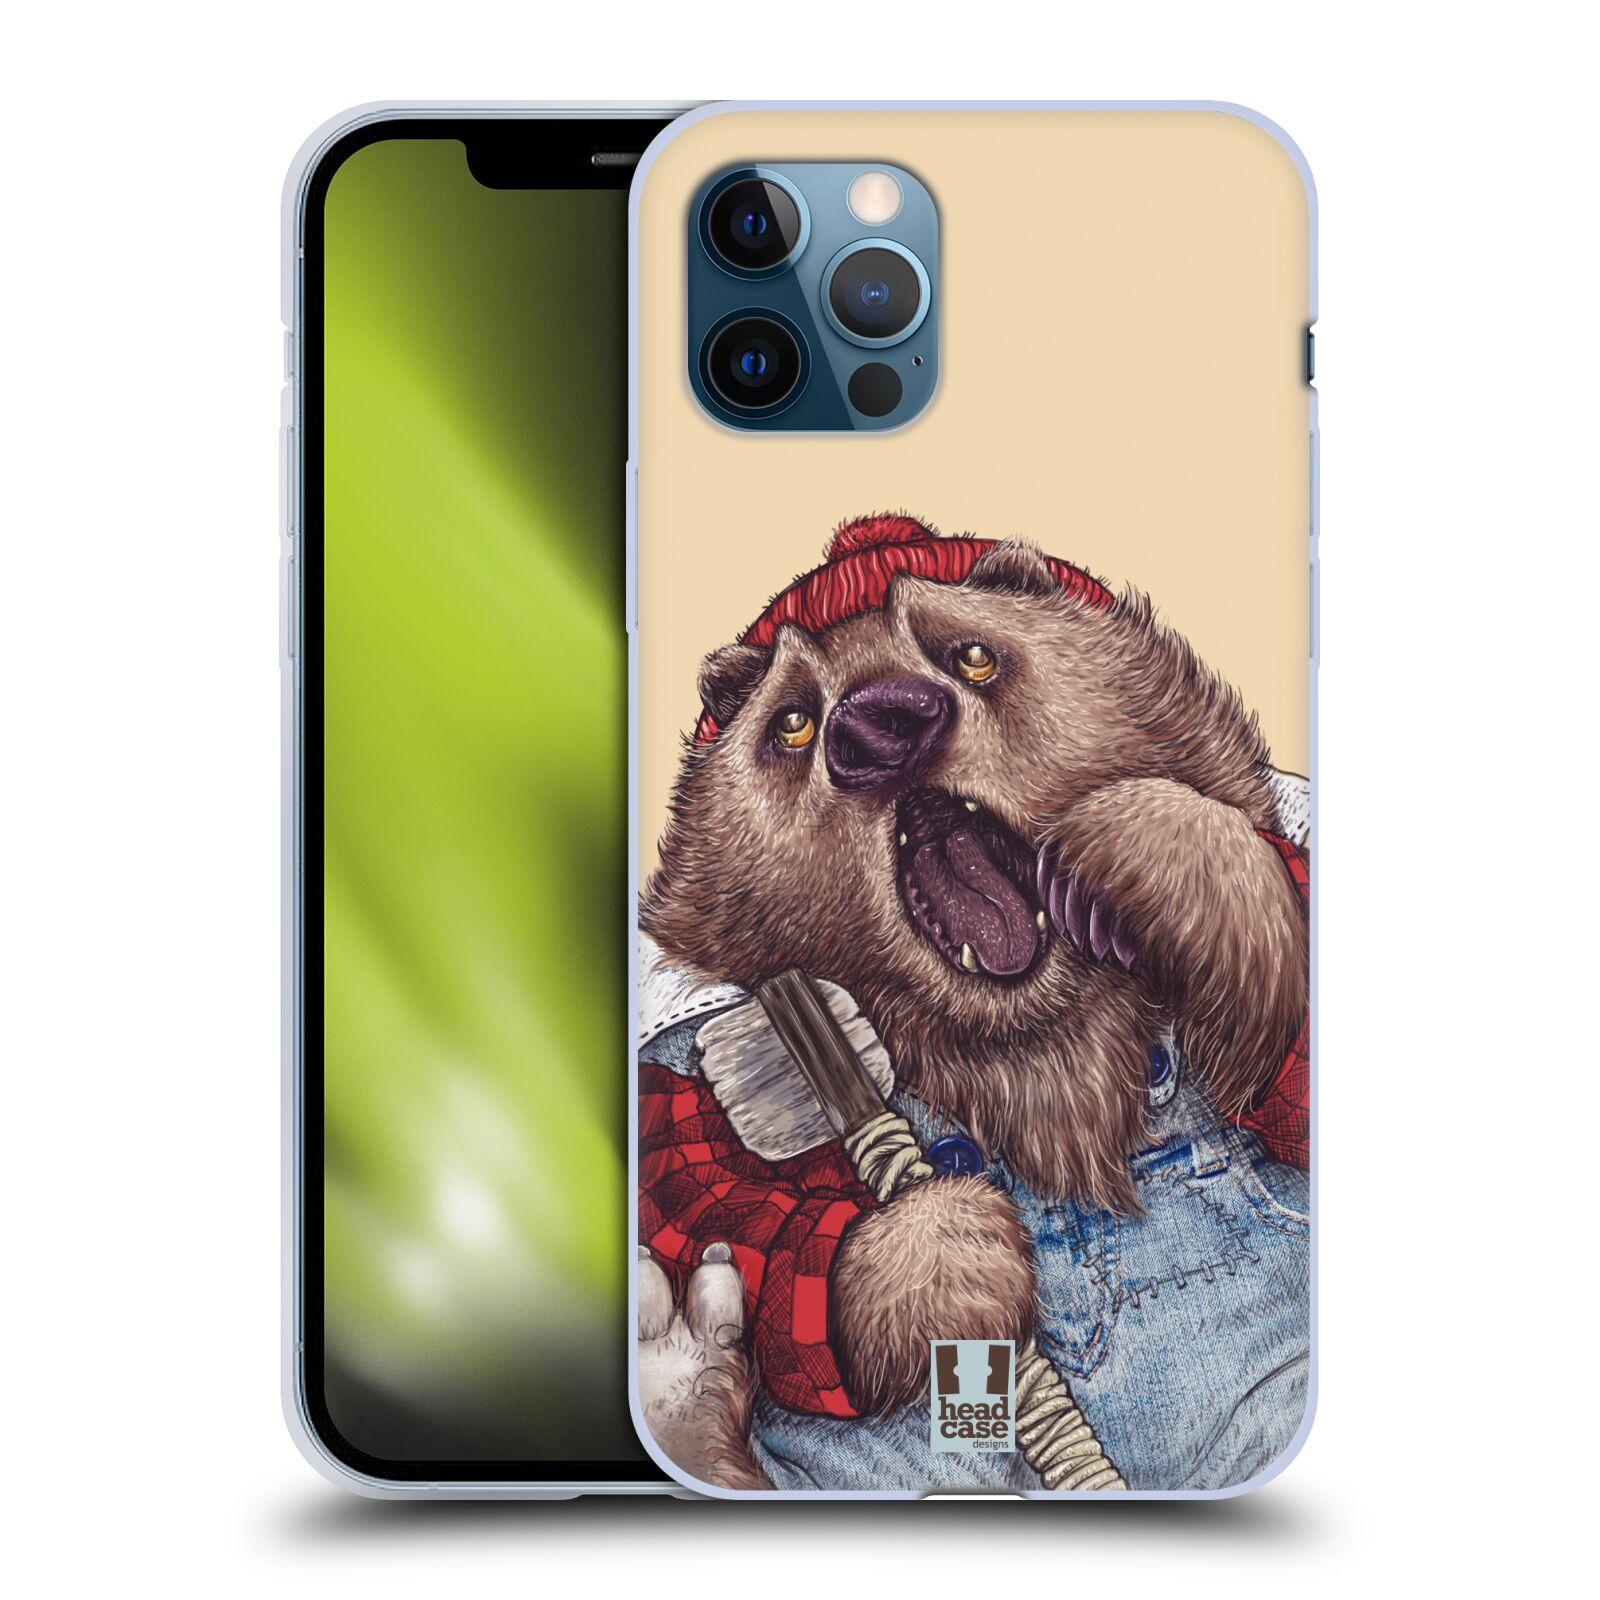 Silikonové pouzdro na mobil Apple iPhone 12 / 12 Pro - Head Case - ANIMPLA MEDVĚD